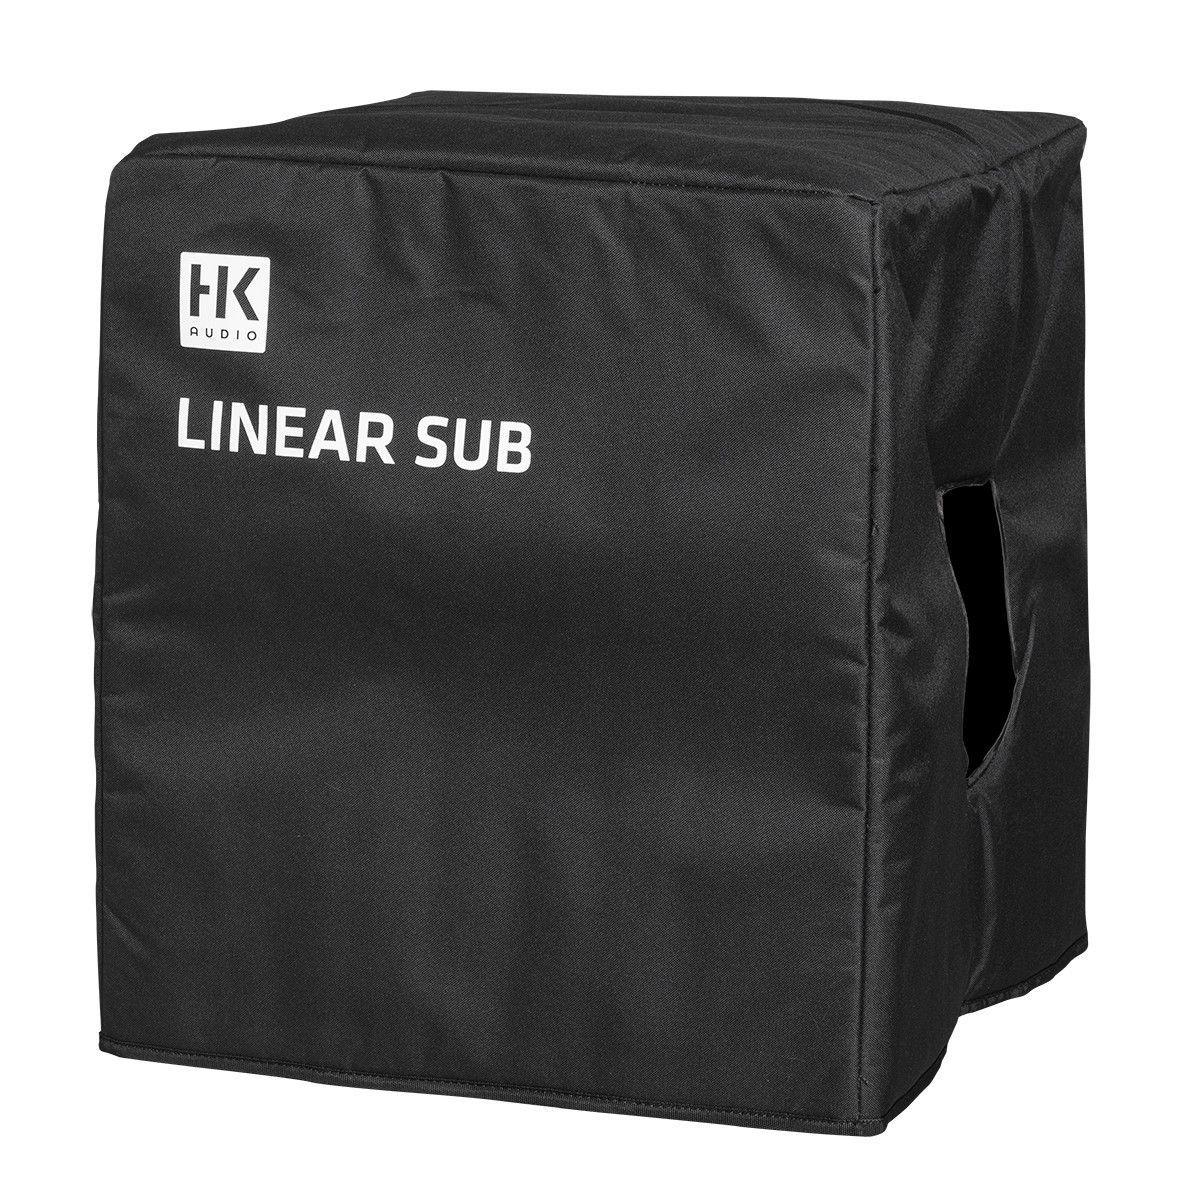 HK Audio Schutzhülle Cover L SUB 1500A für Subwoofer Linear Sub 1500A